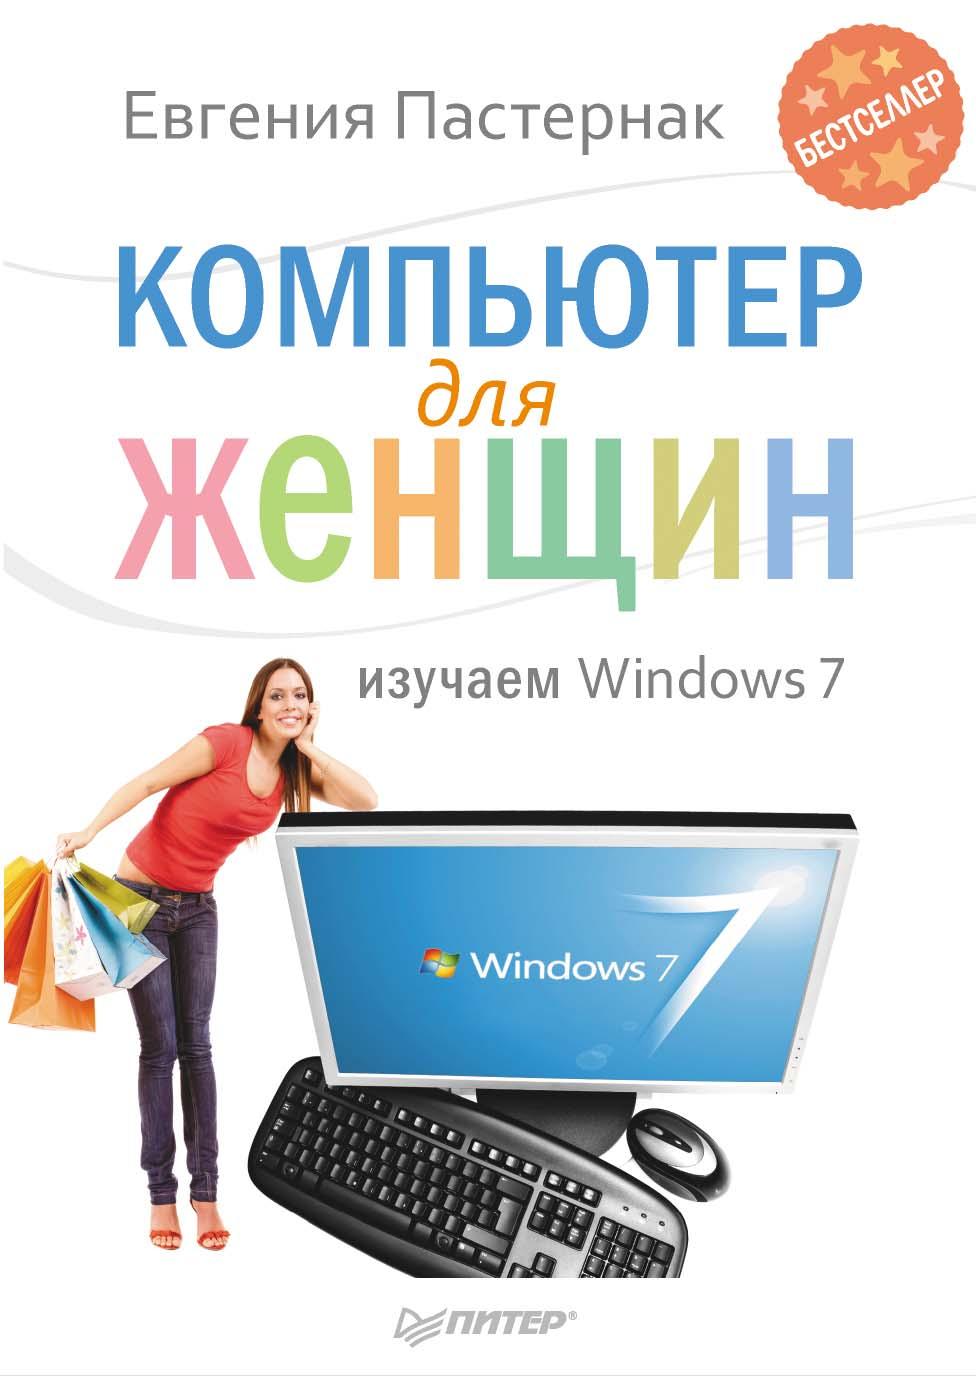 Евгения Пастернак Компьютер для женщин. Изучаем Windows 7 евгения пастернак ноутбук для женщин изучаем windows 7